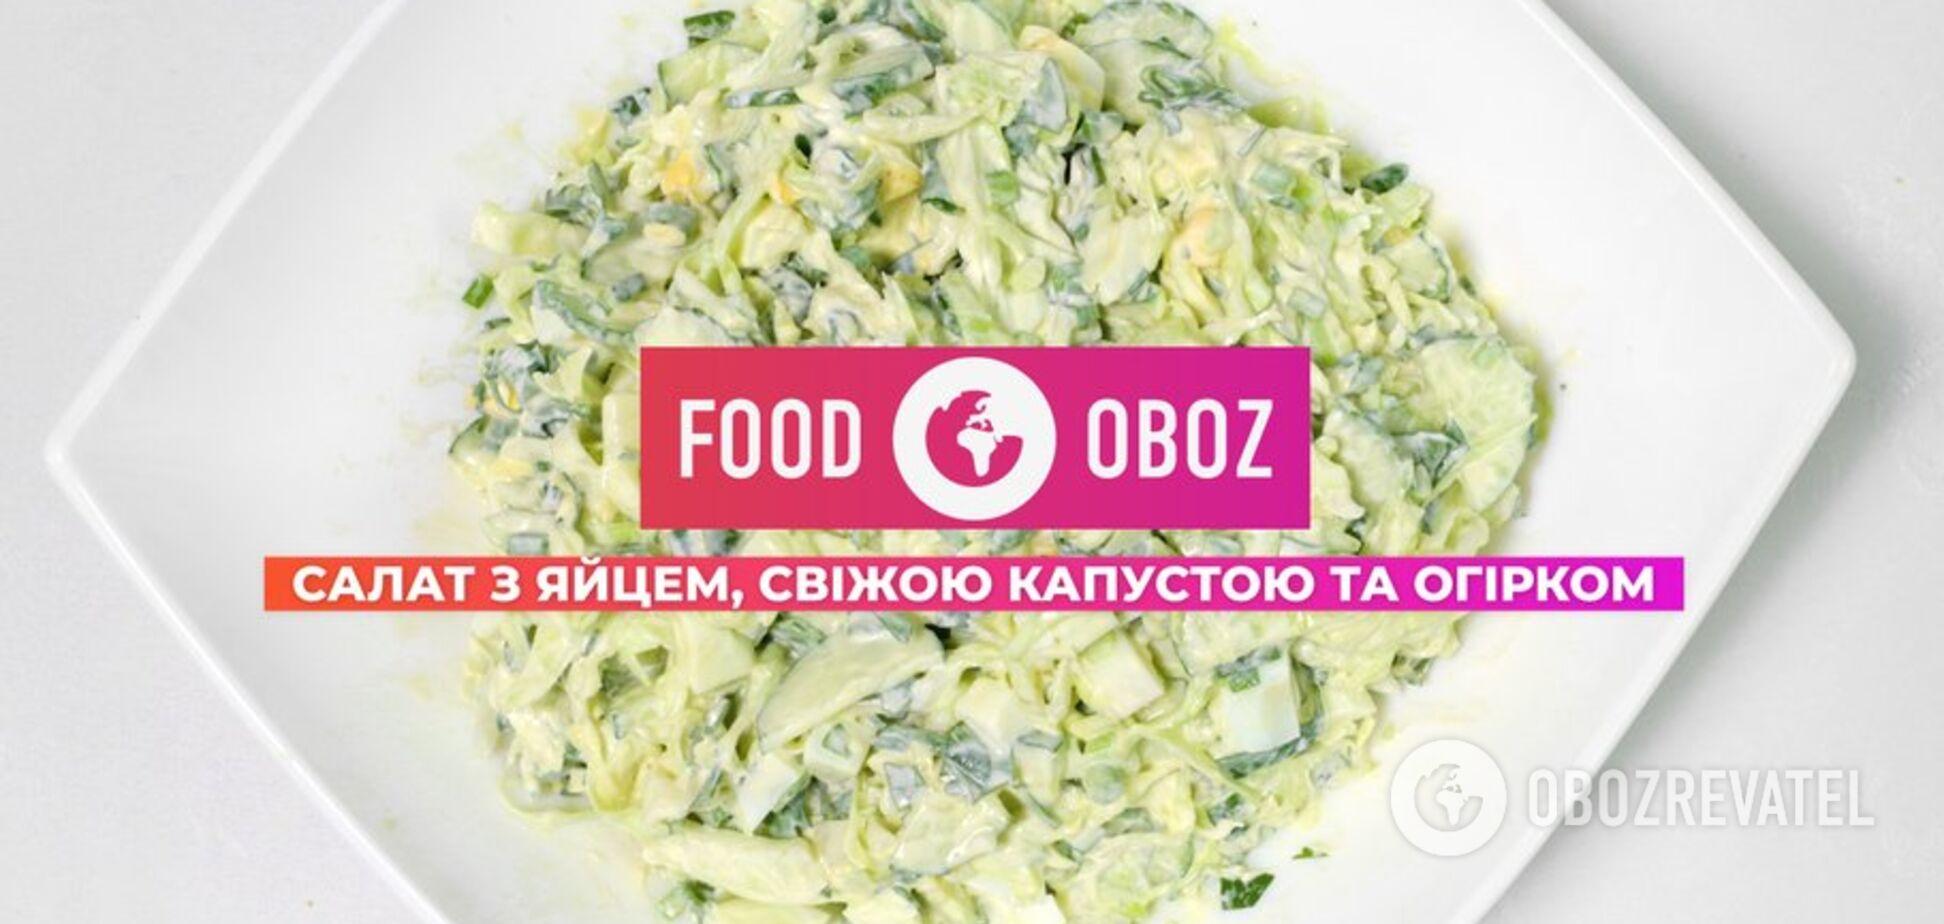 FOODOBOZ | Салат с яйцом, свежей капустой и огурцом